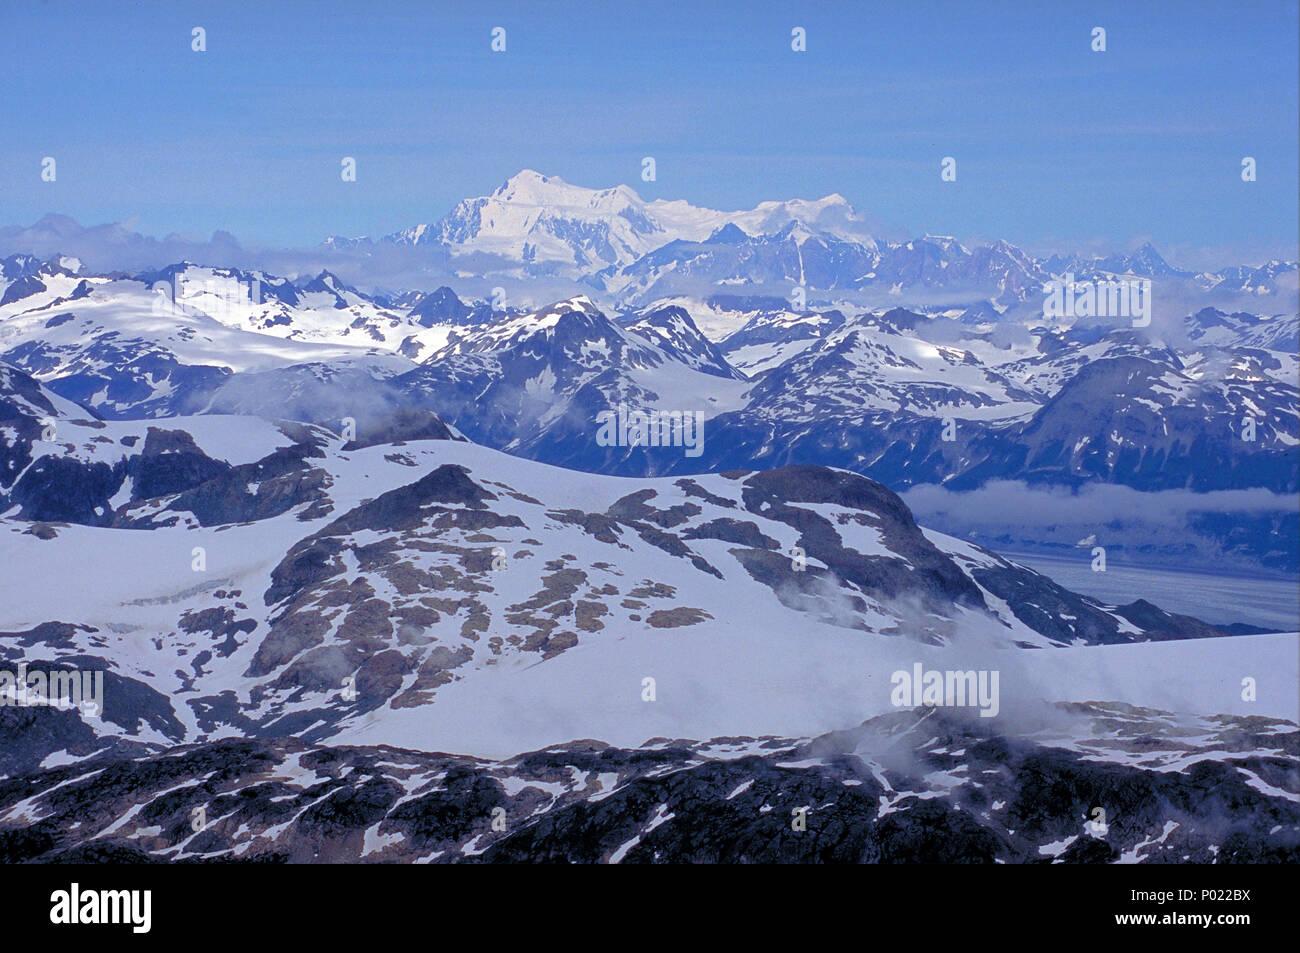 Yukon, verschneite Berge, grandiose Landschaften, Yukon, Kanada | Tolle Landschaften, Schnee bedeckte Berge, Alaska, Yukon, Kanada Stockbild